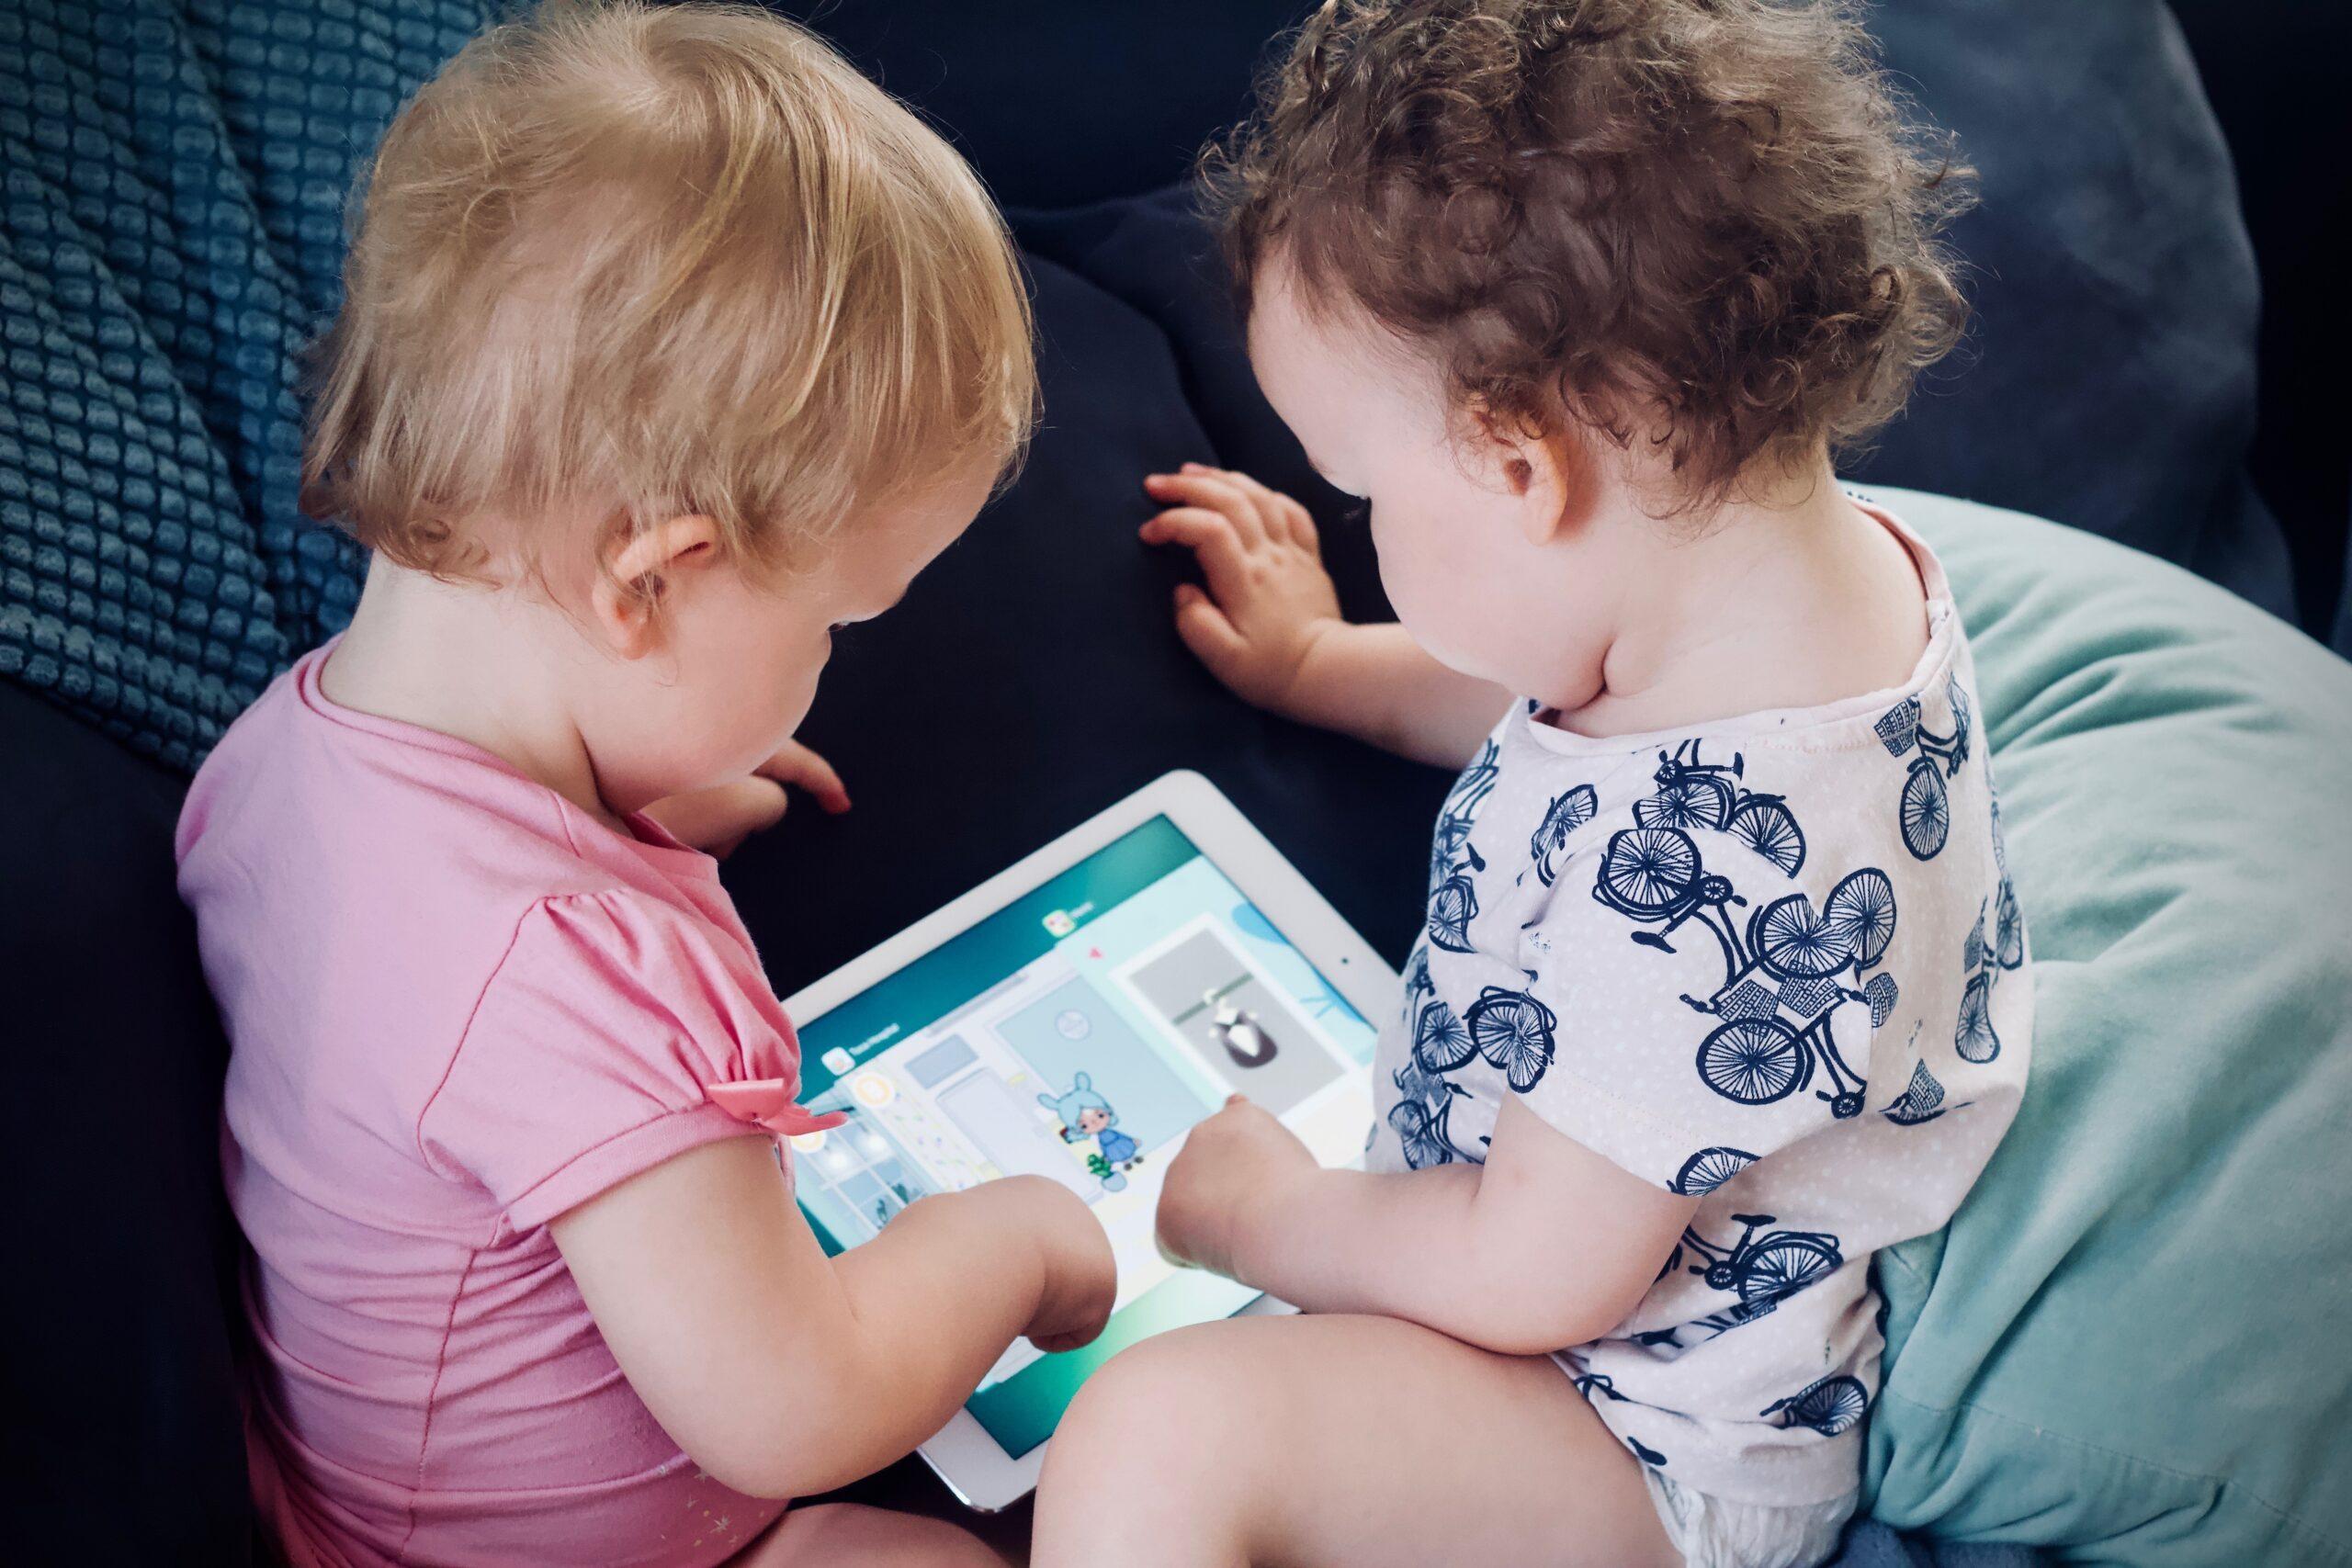 Escuela para Padres: El manejo del tiempo – La computadora y el televisor